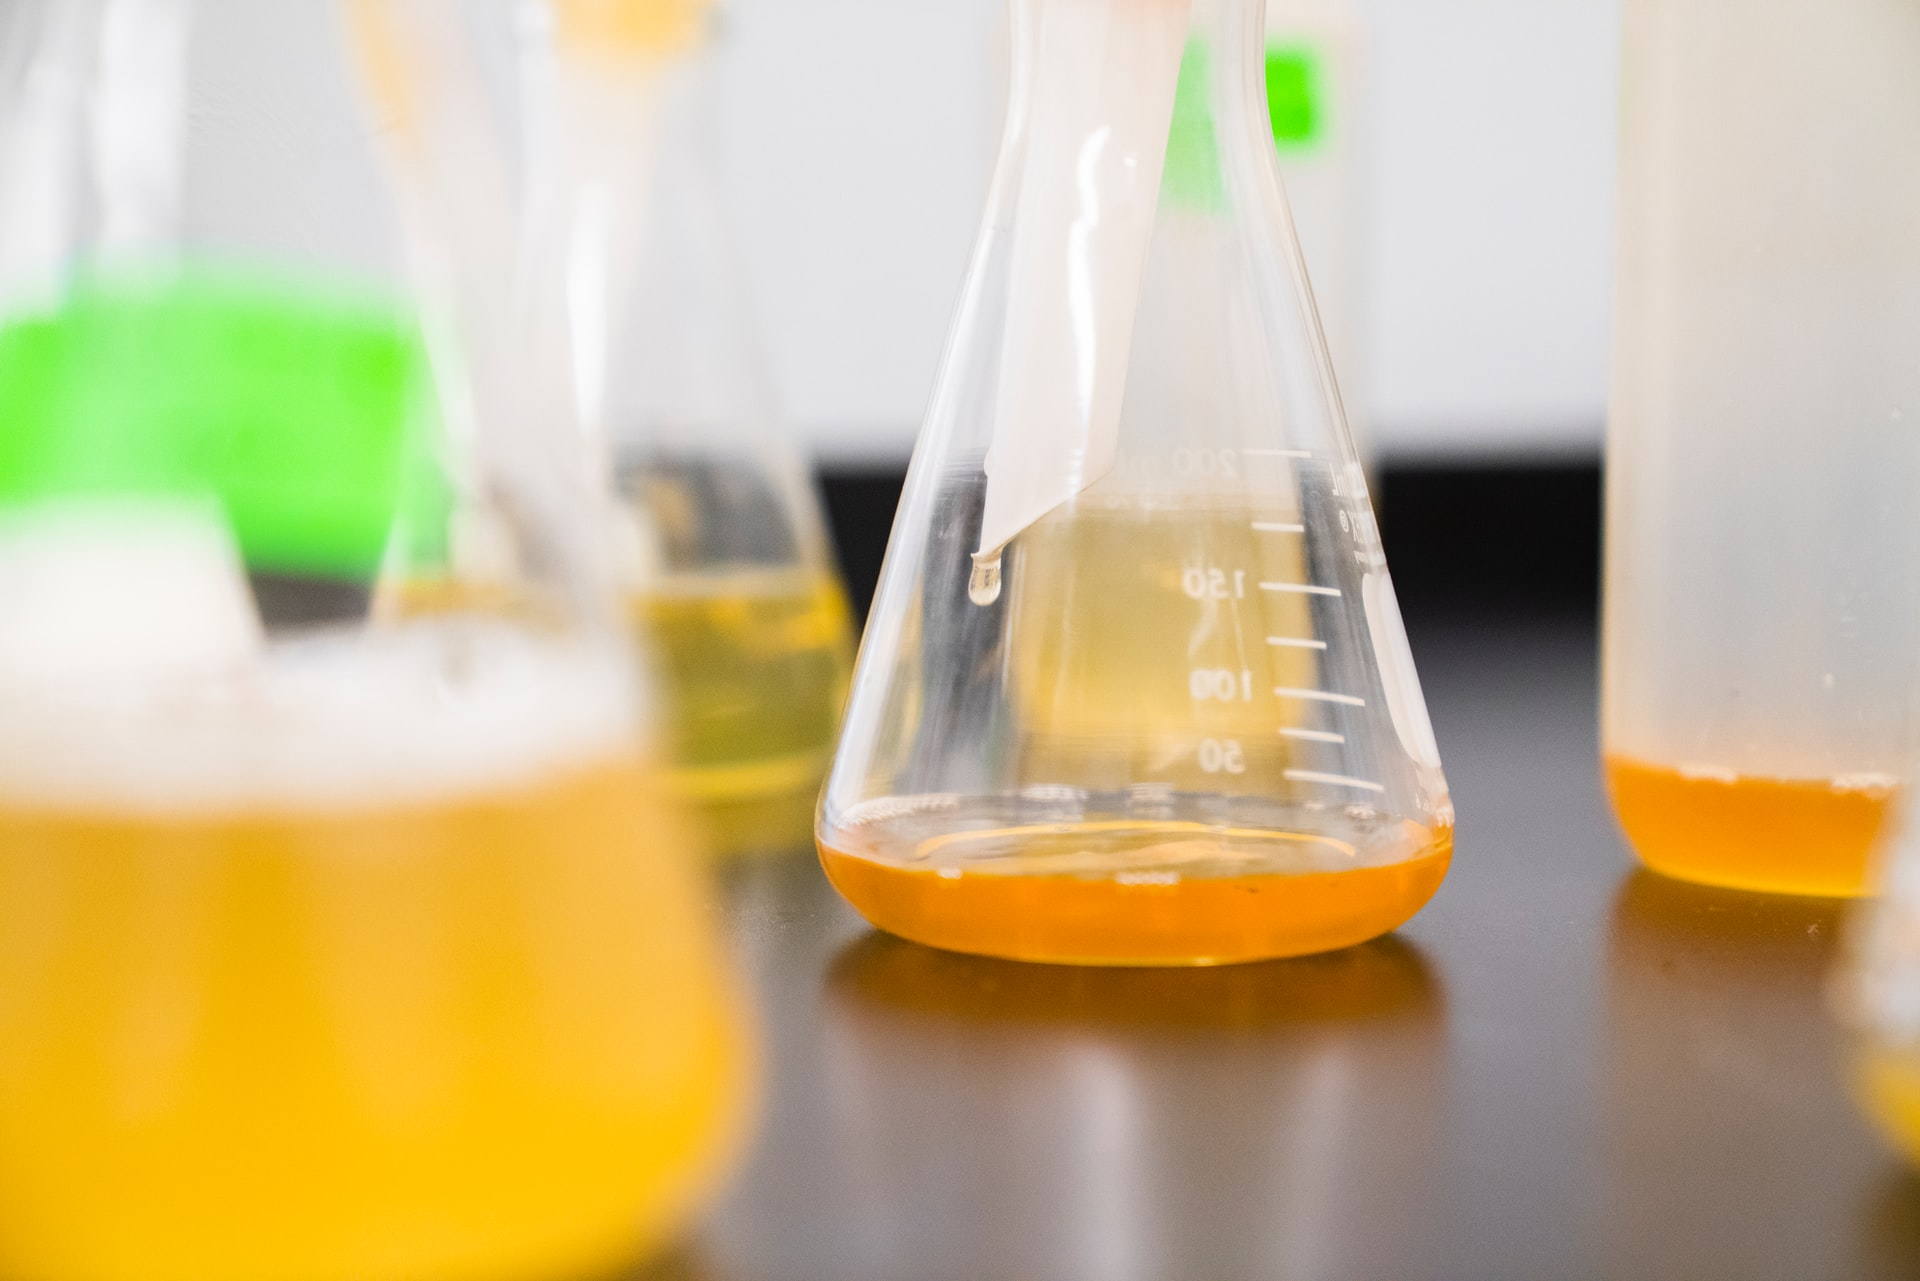 expérience de chimie avec un erlenmeyer